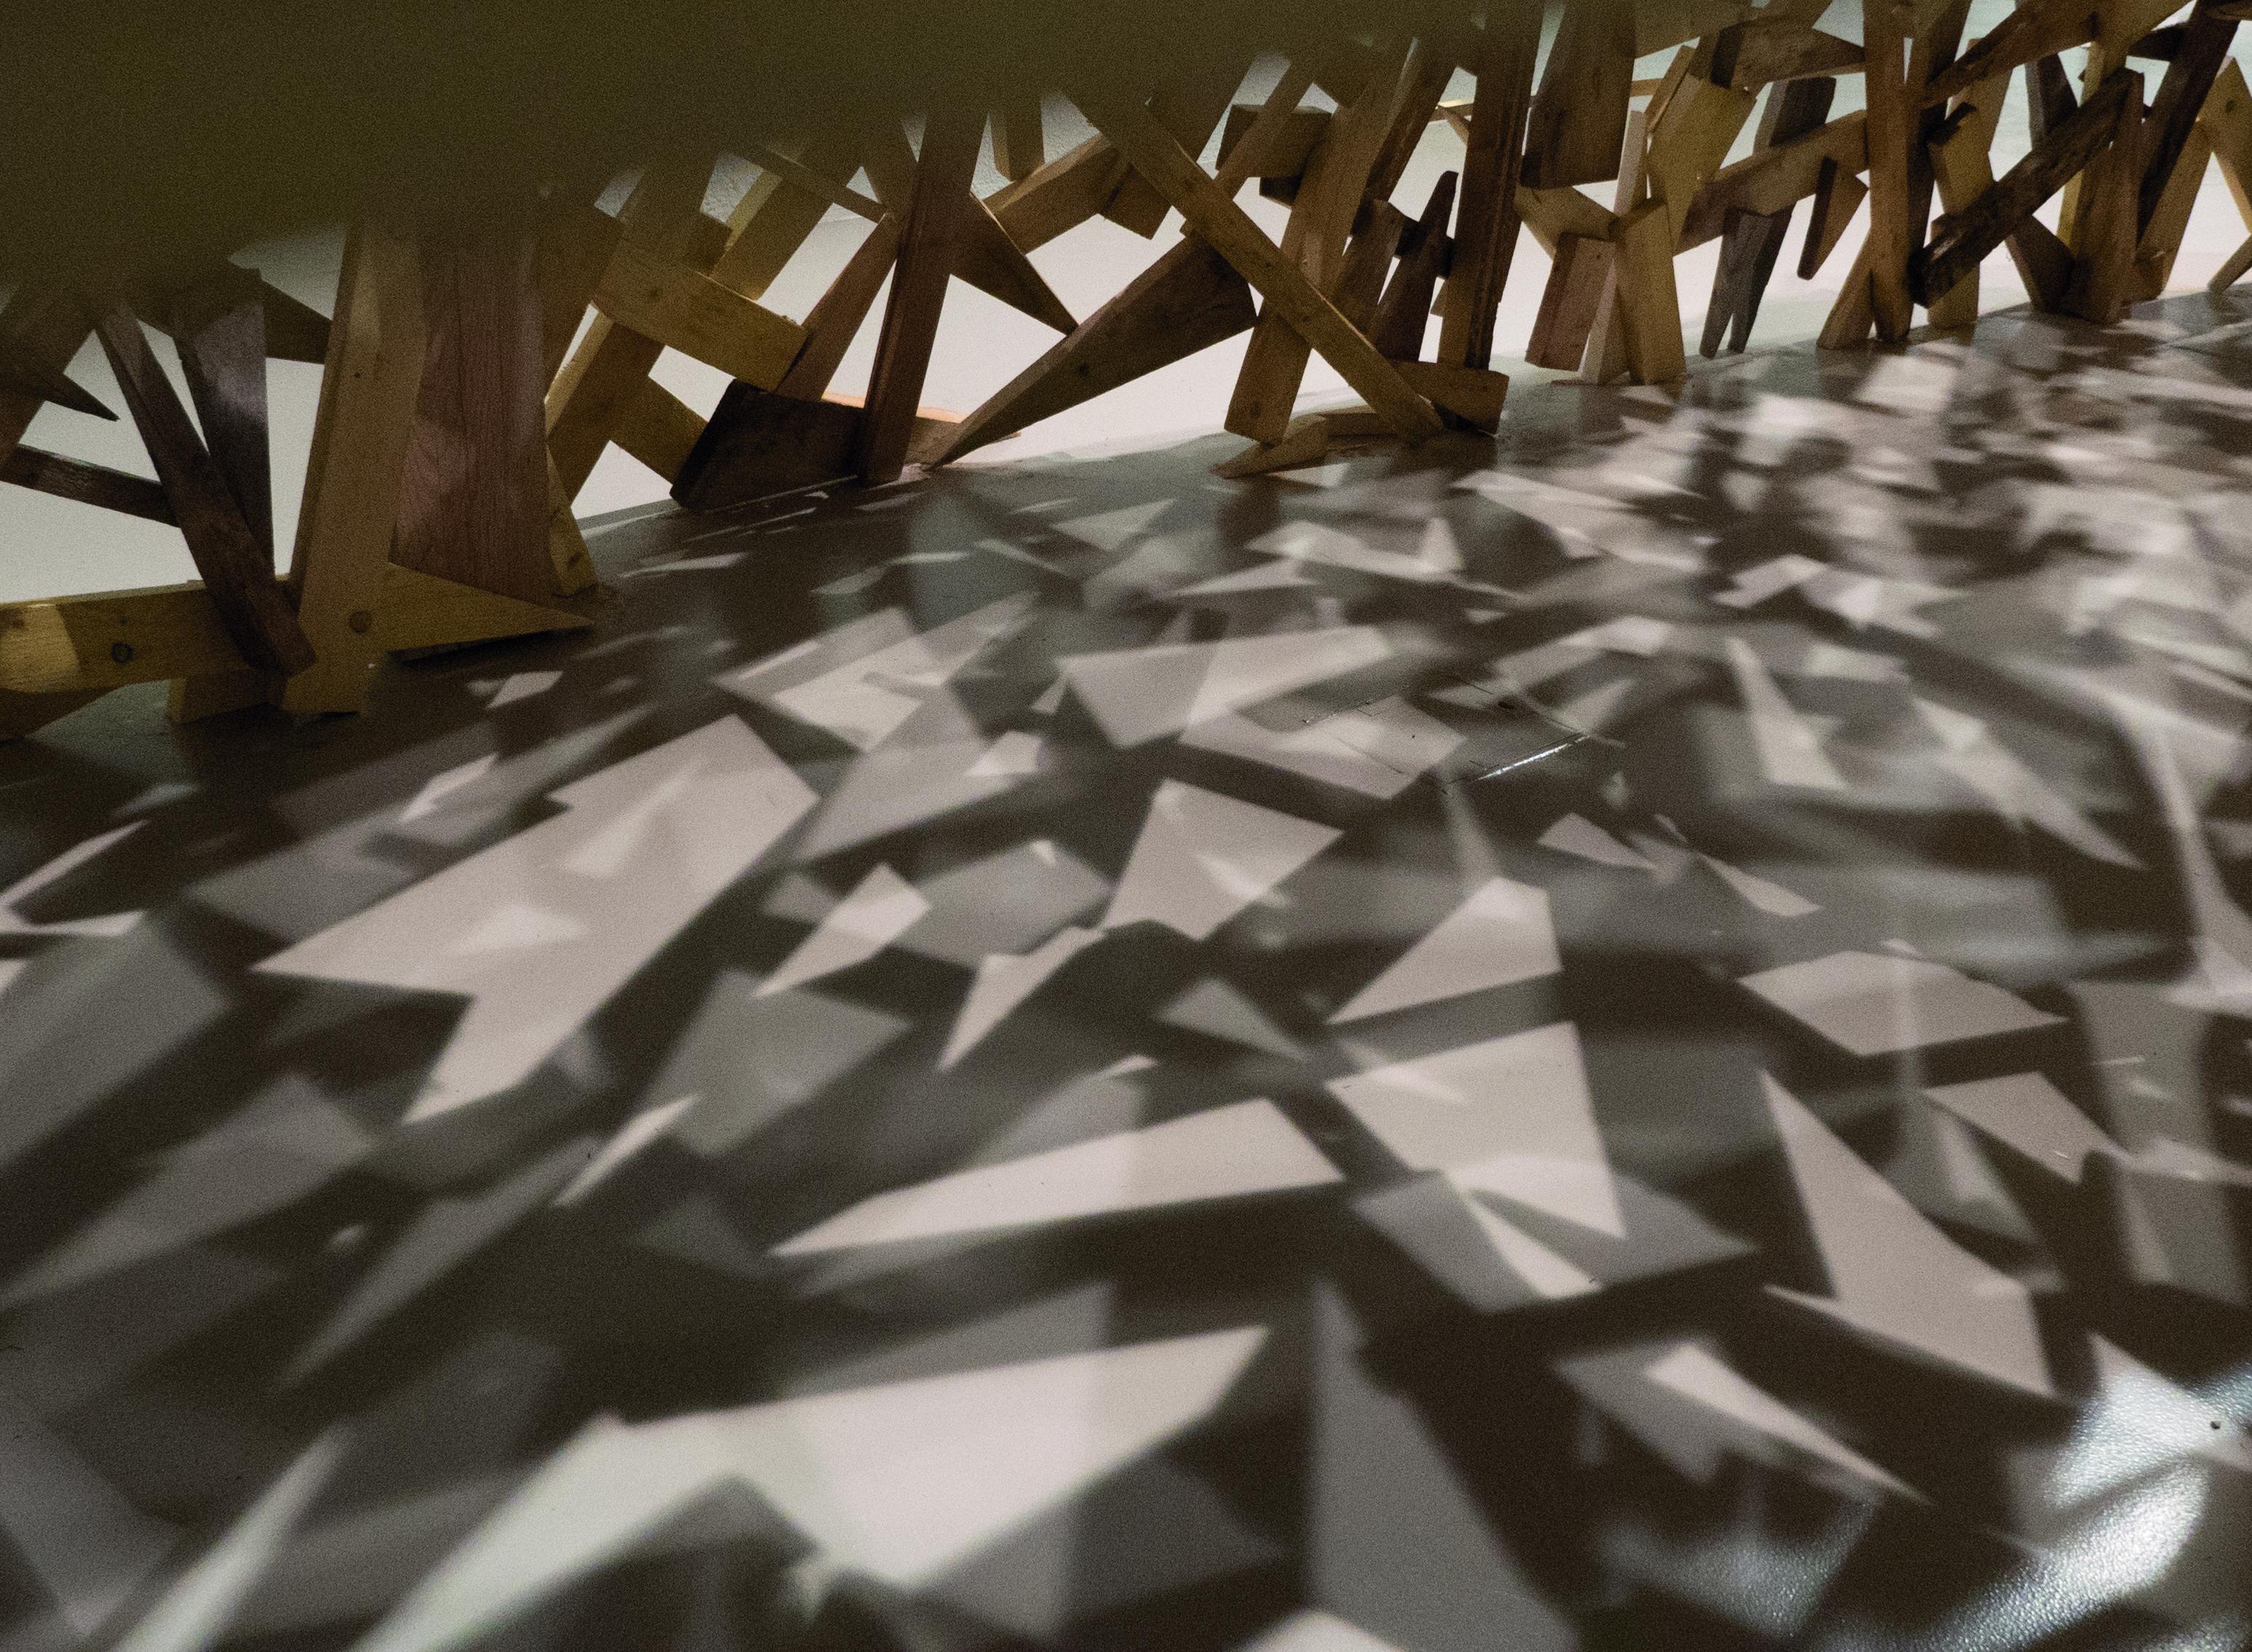 Habitat potentiel pour une artiste, Exposition de Tatiana Wolska